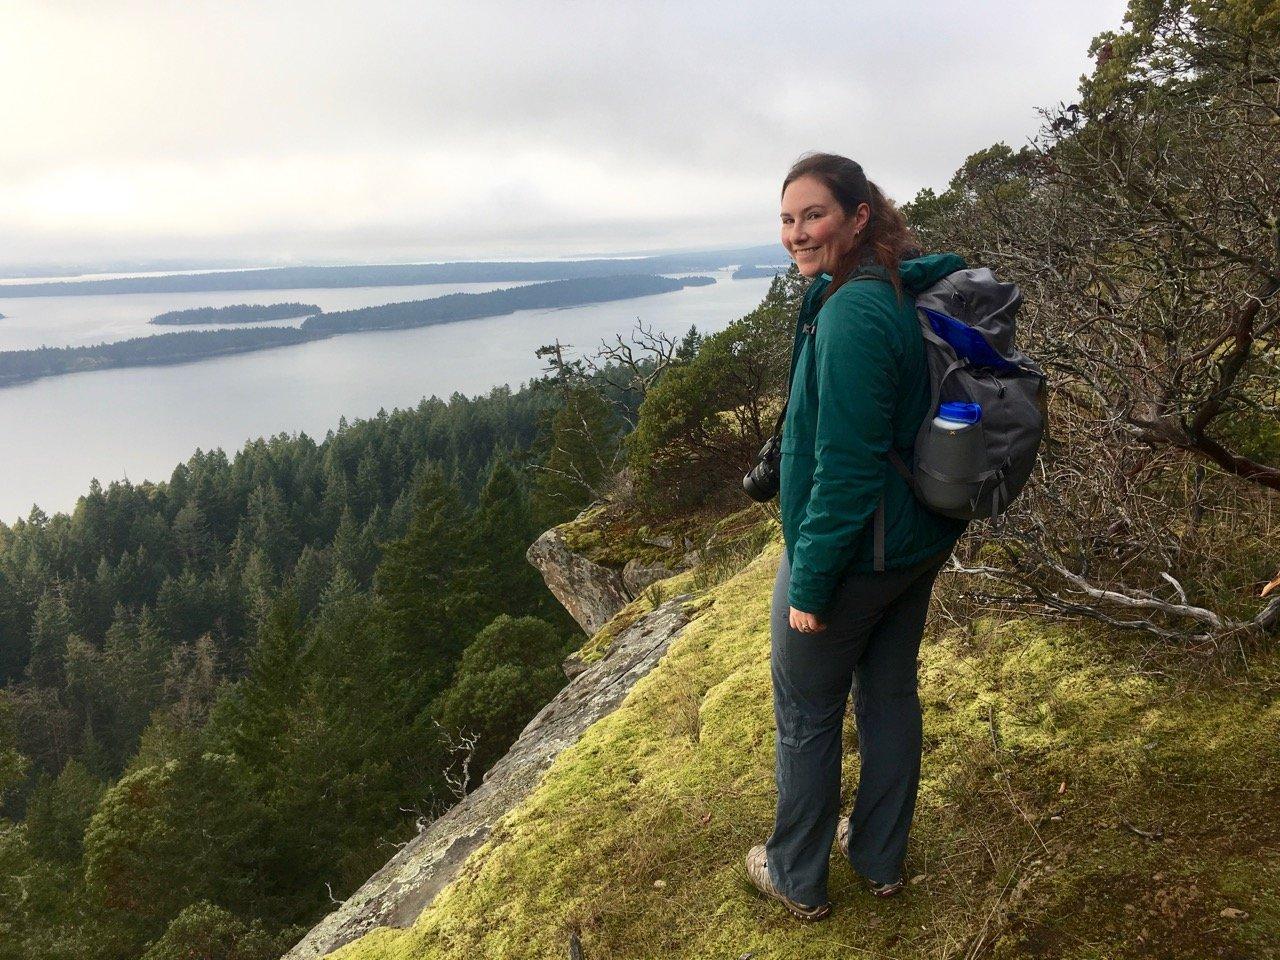 Hiking on Bodega Ridge on Galiano Island